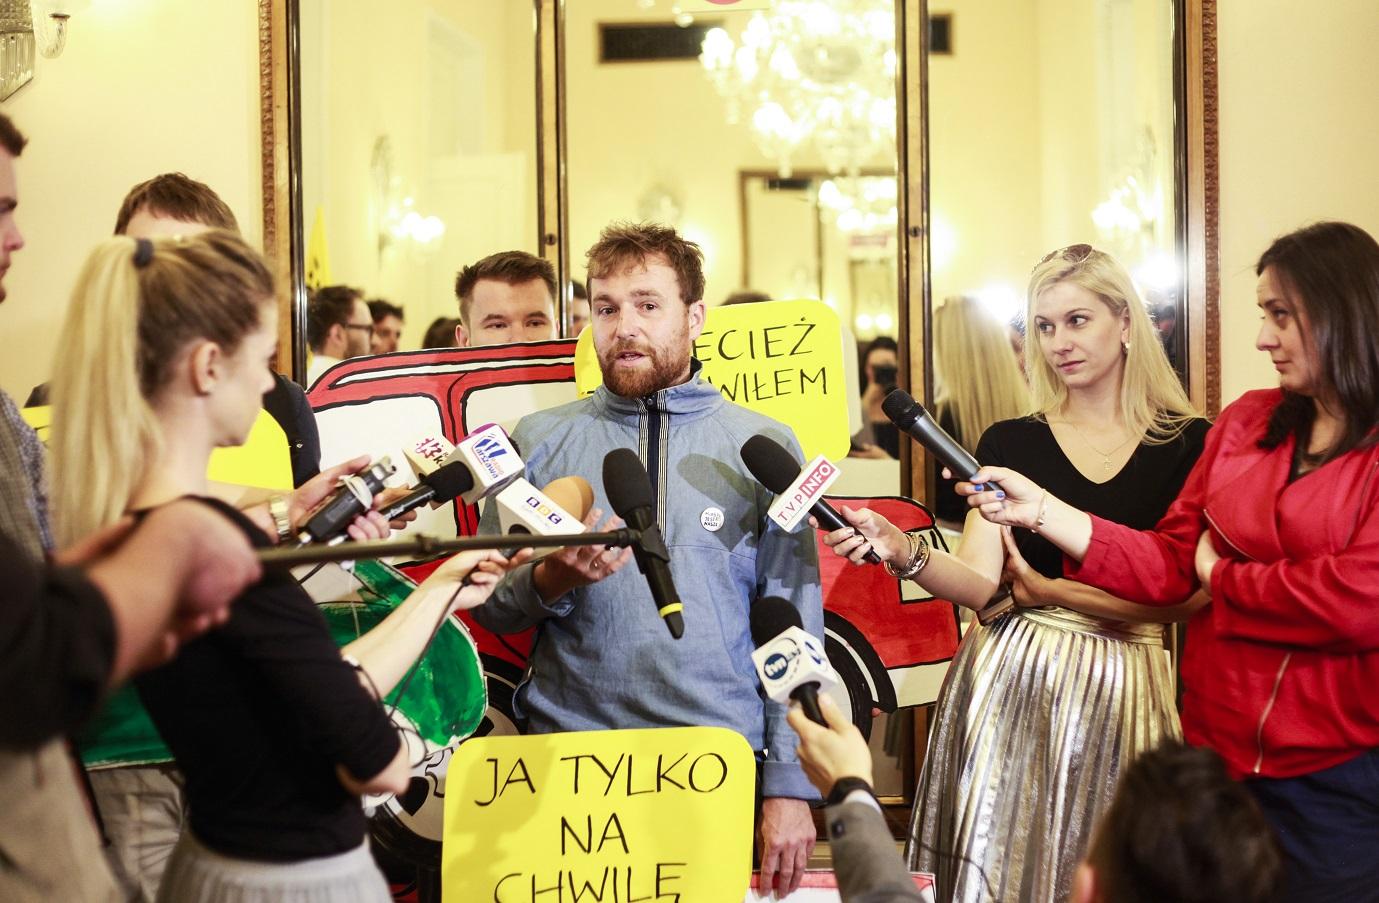 Happening - Rada Warszawy, 25.05.17